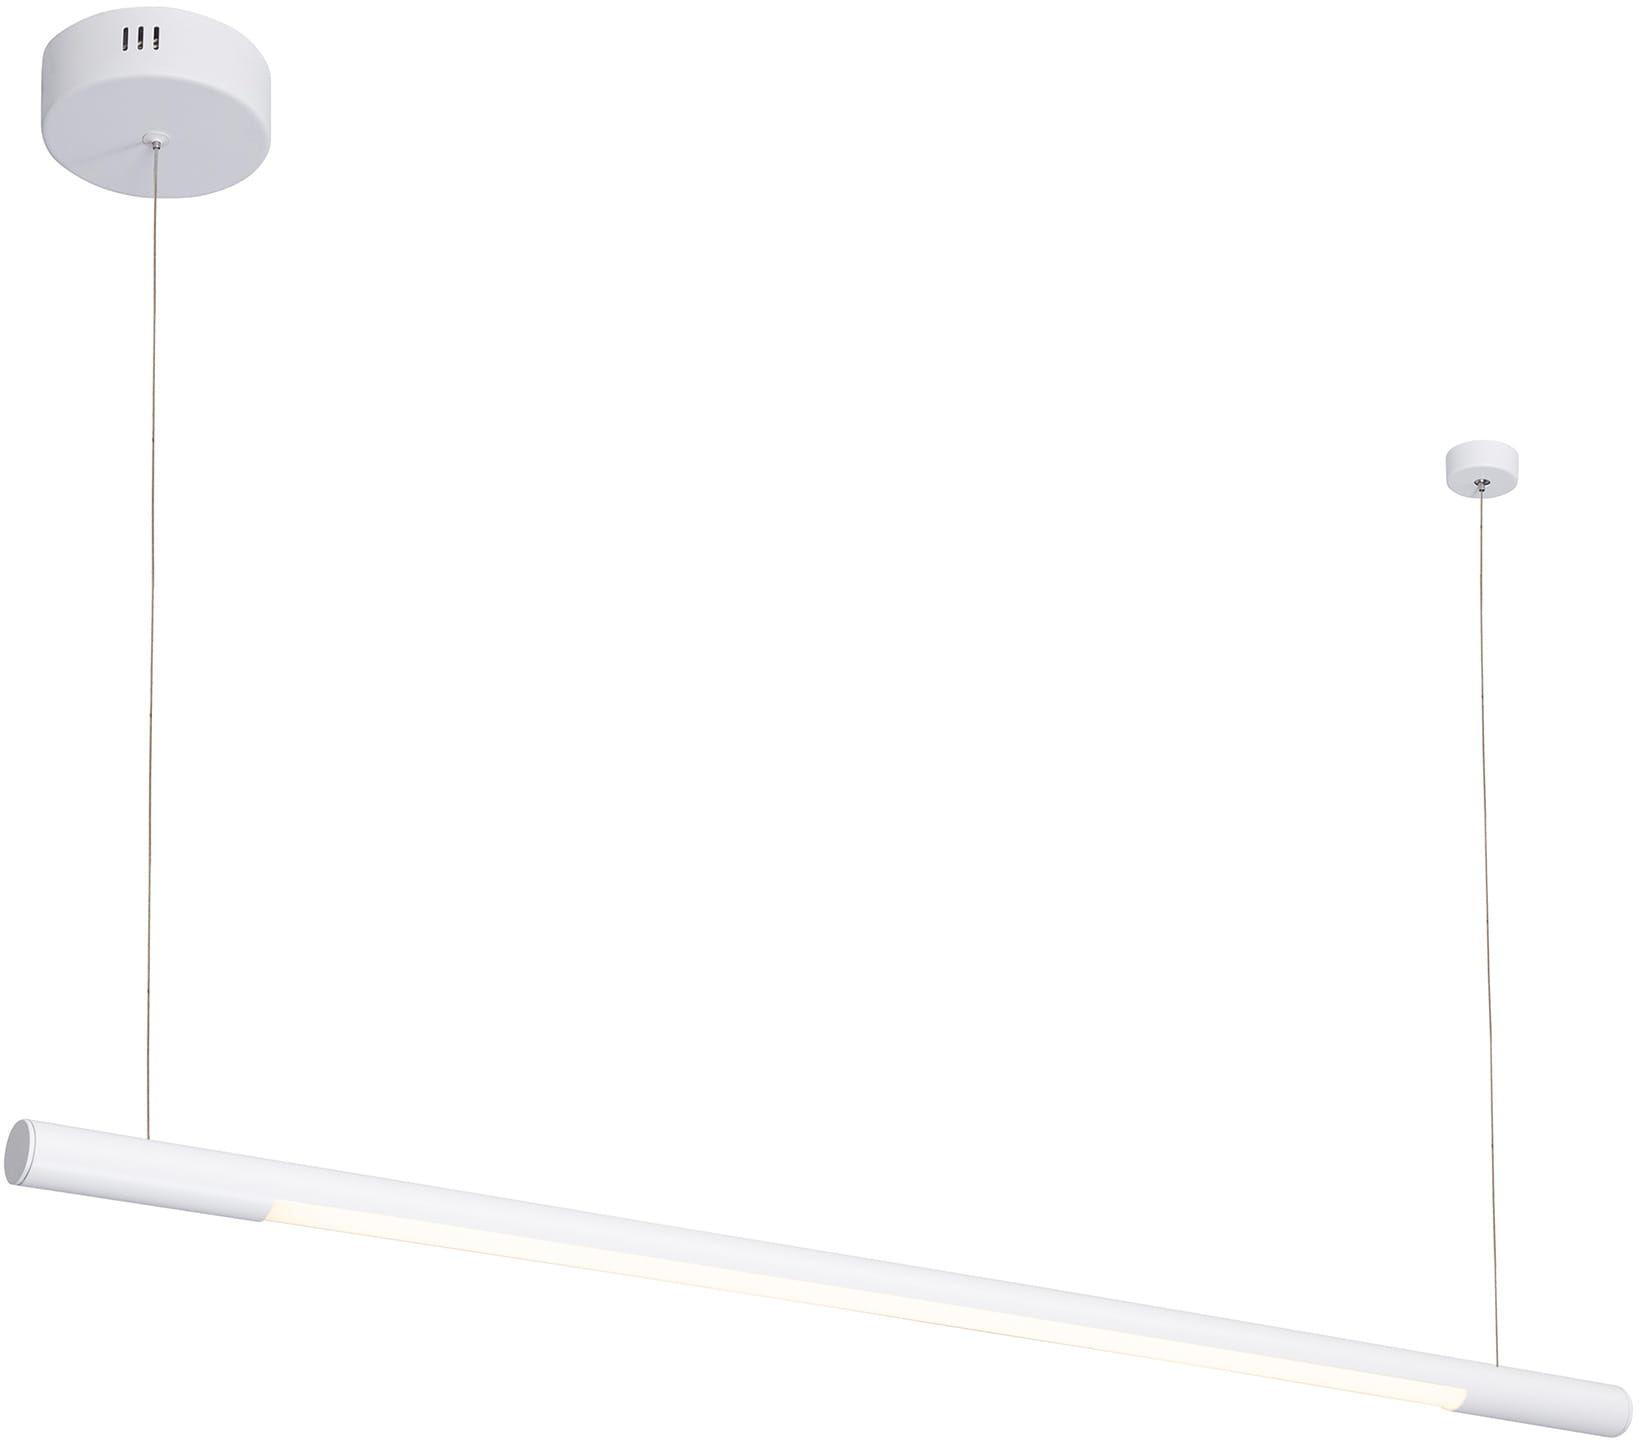 Lampa wisząca Organic Horizon P0357 Maxlight pojedyncza biała oprawa sufitowa